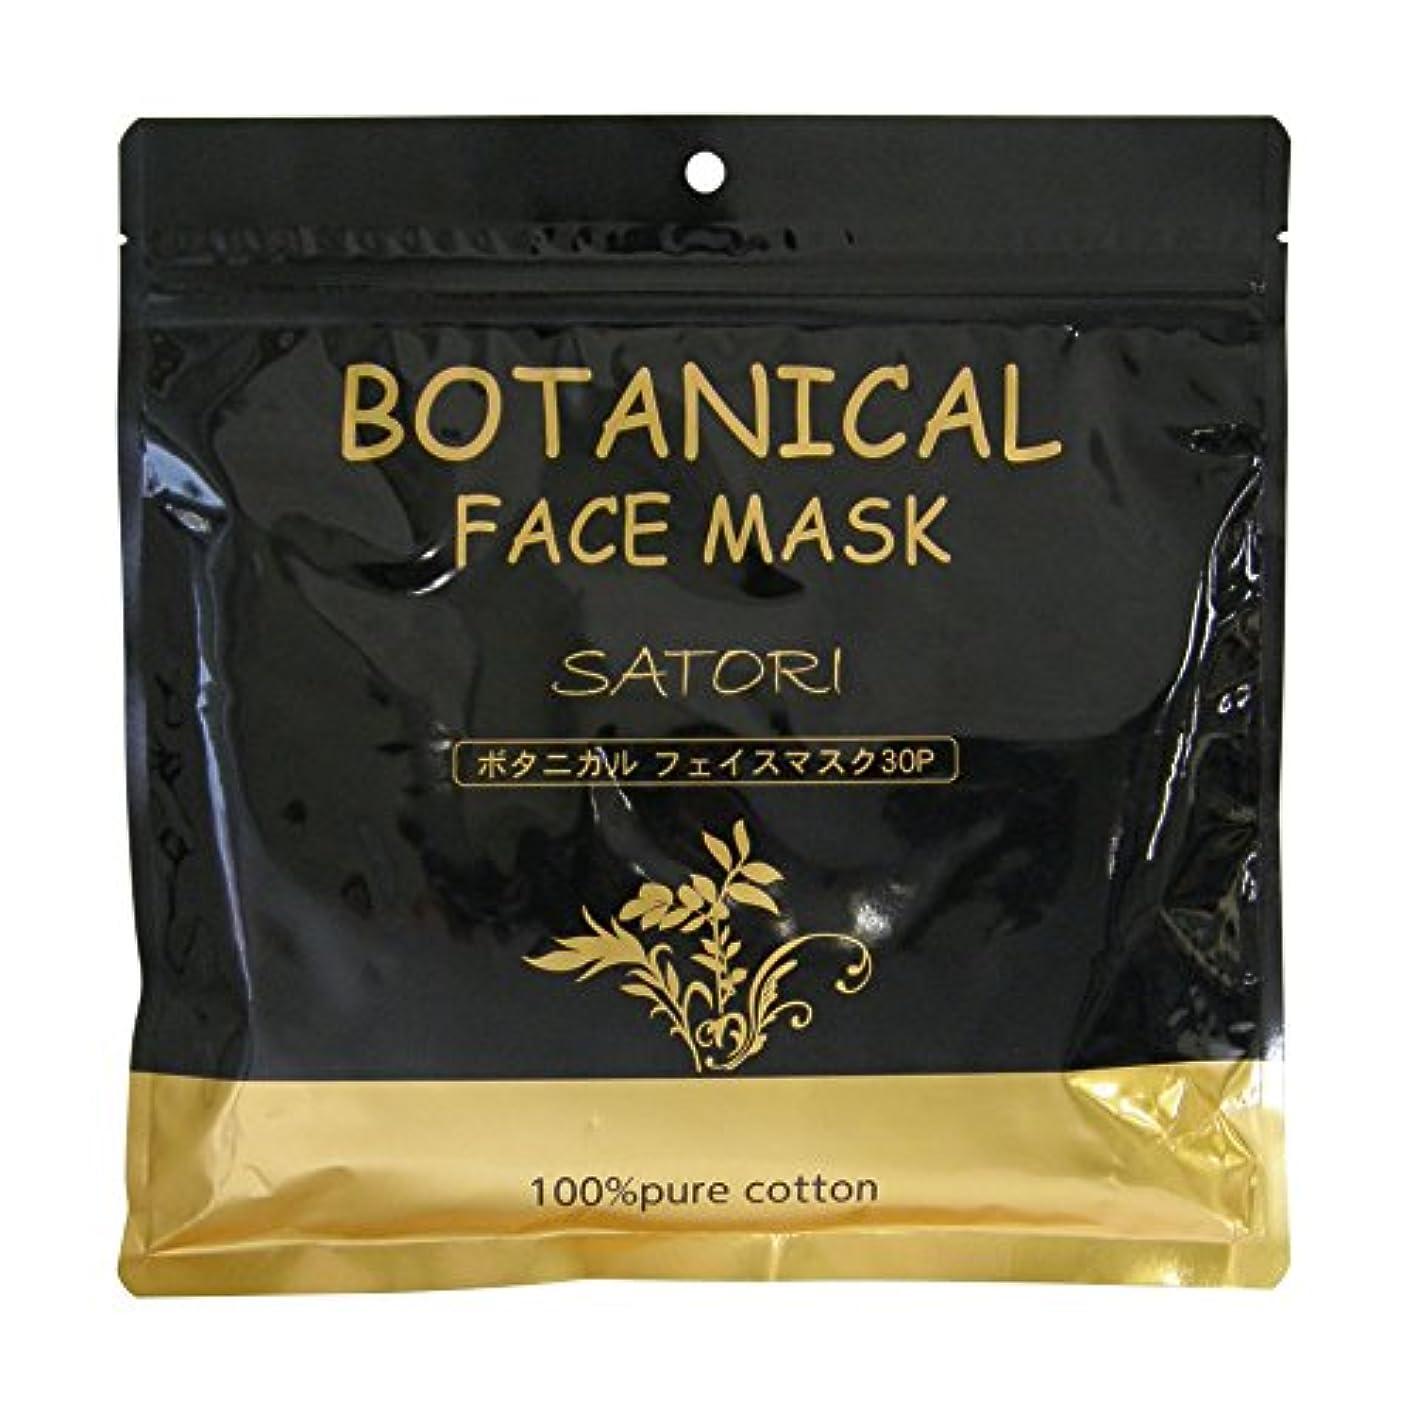 価値感謝しているチャネルボタニカル フェイスマスク 30枚入